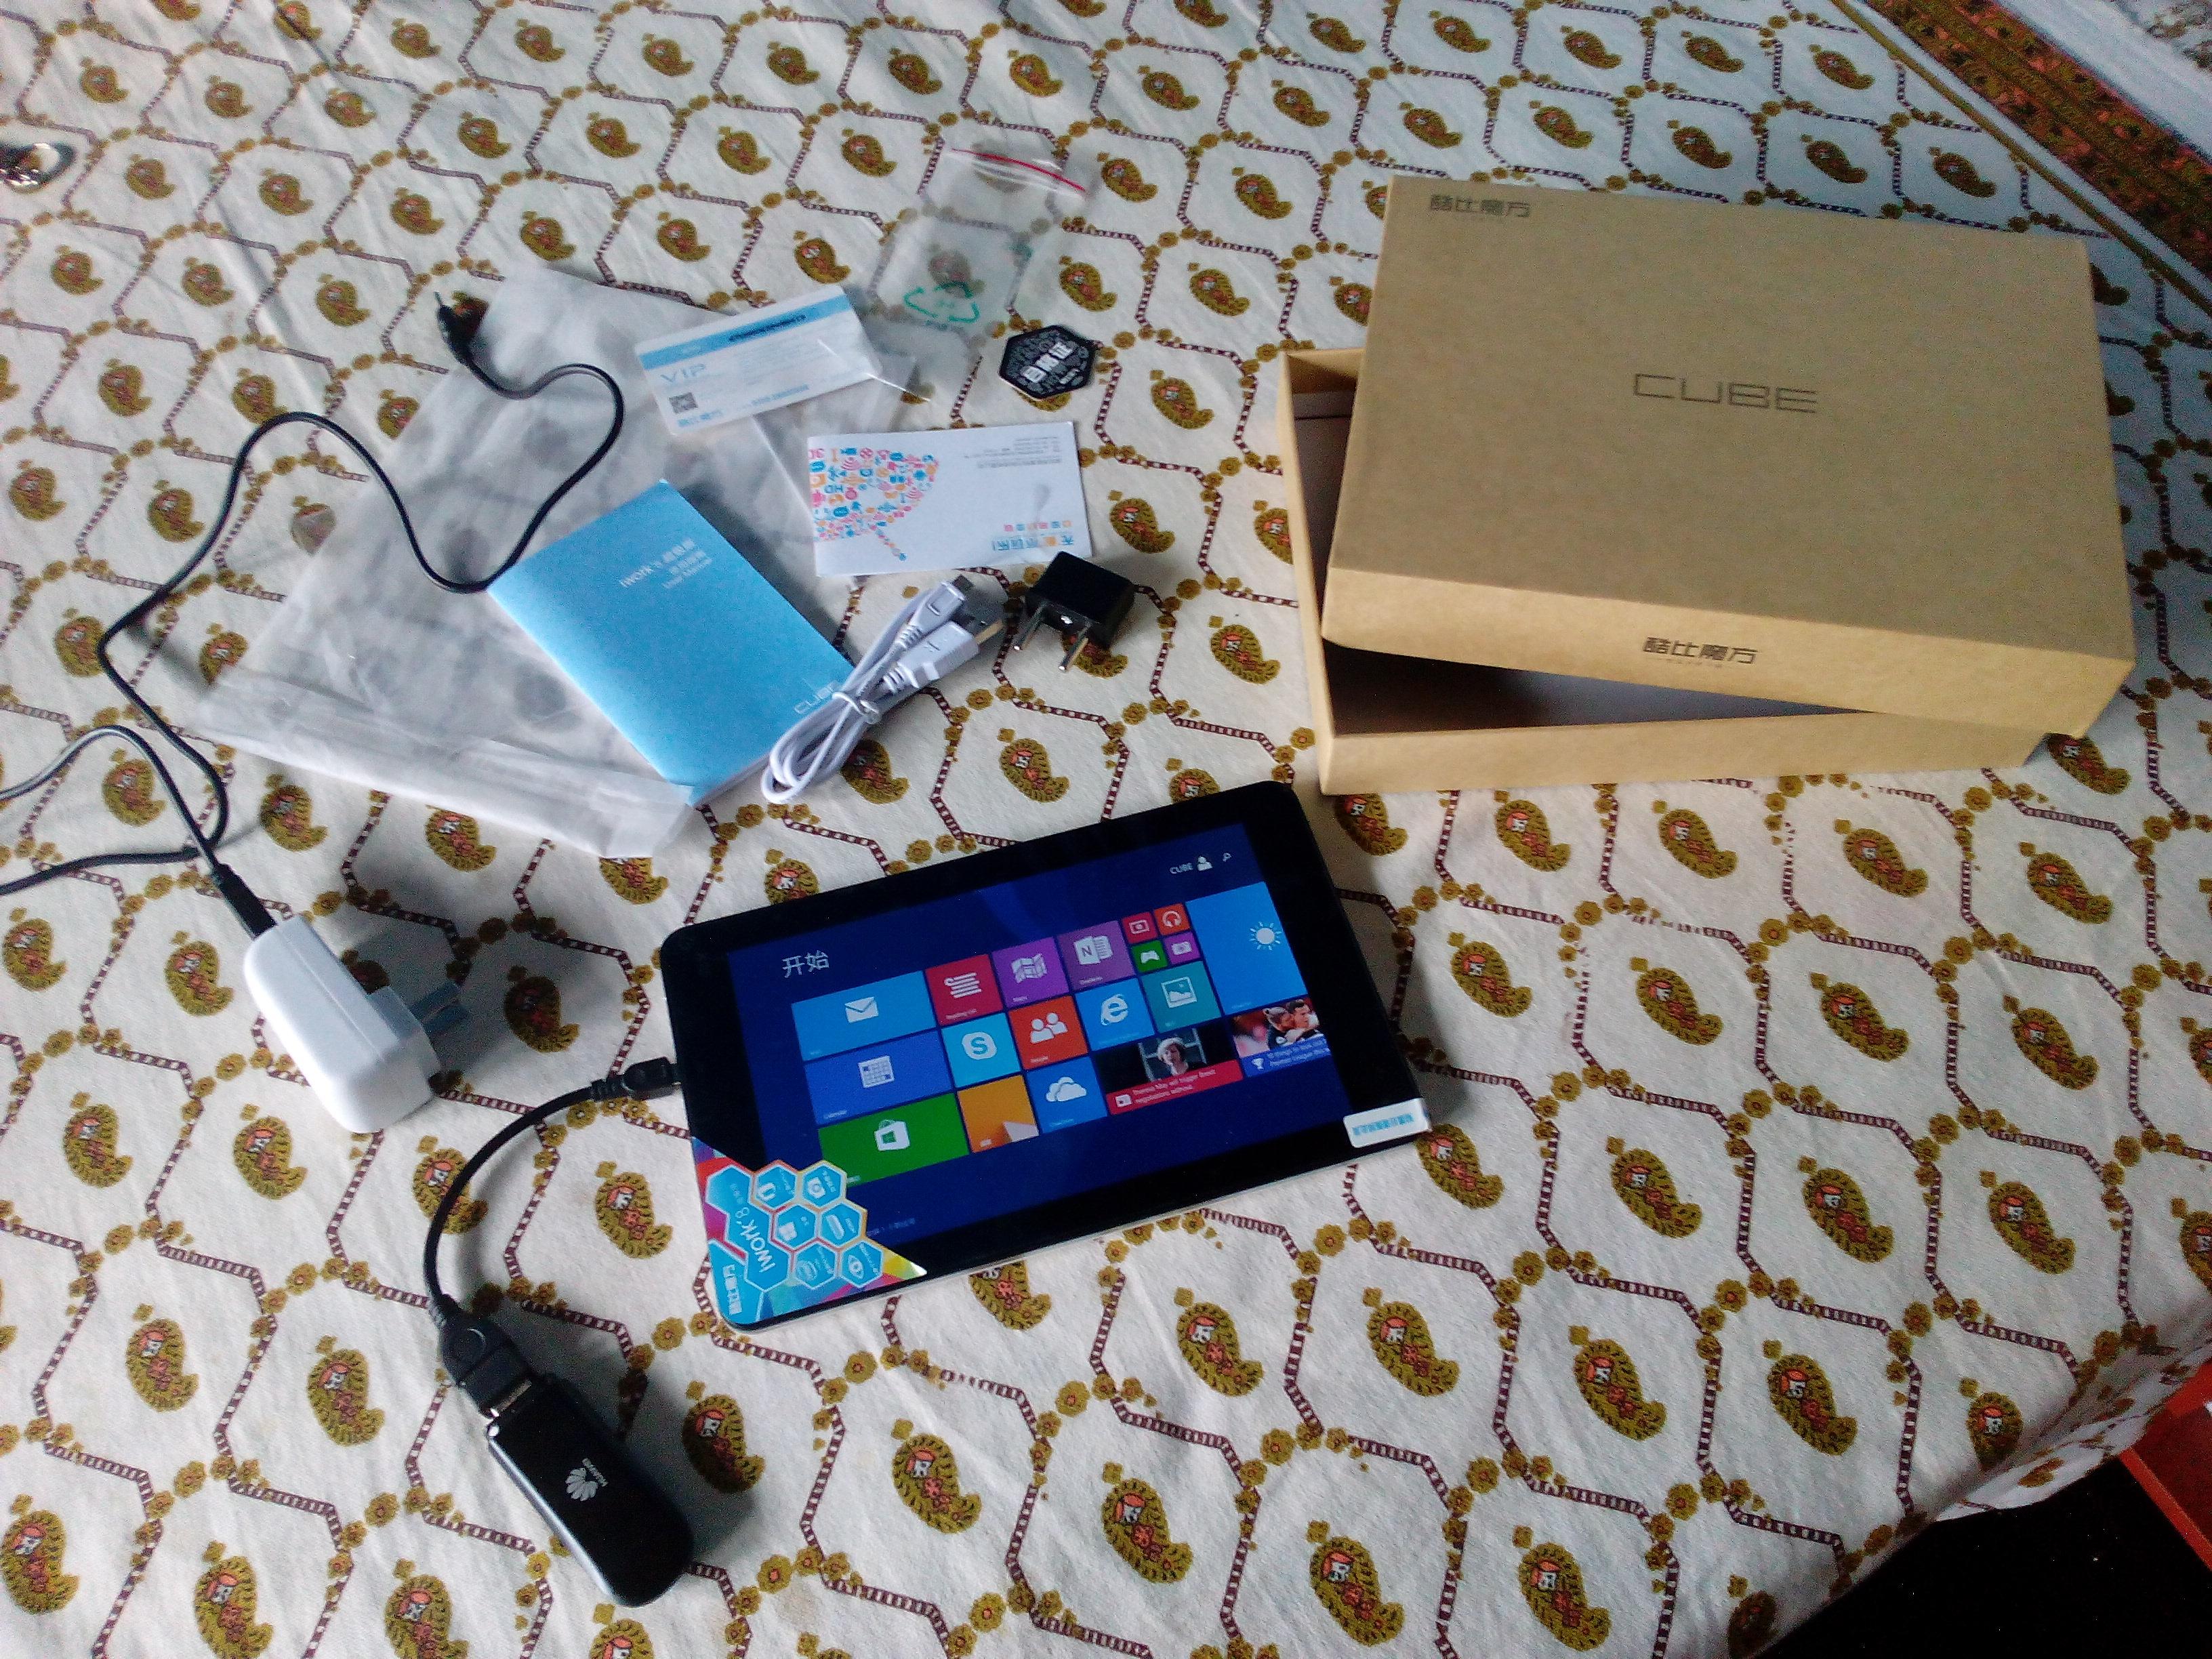 Cube iwork8′ Super Edition Tab Wifi+External 3g